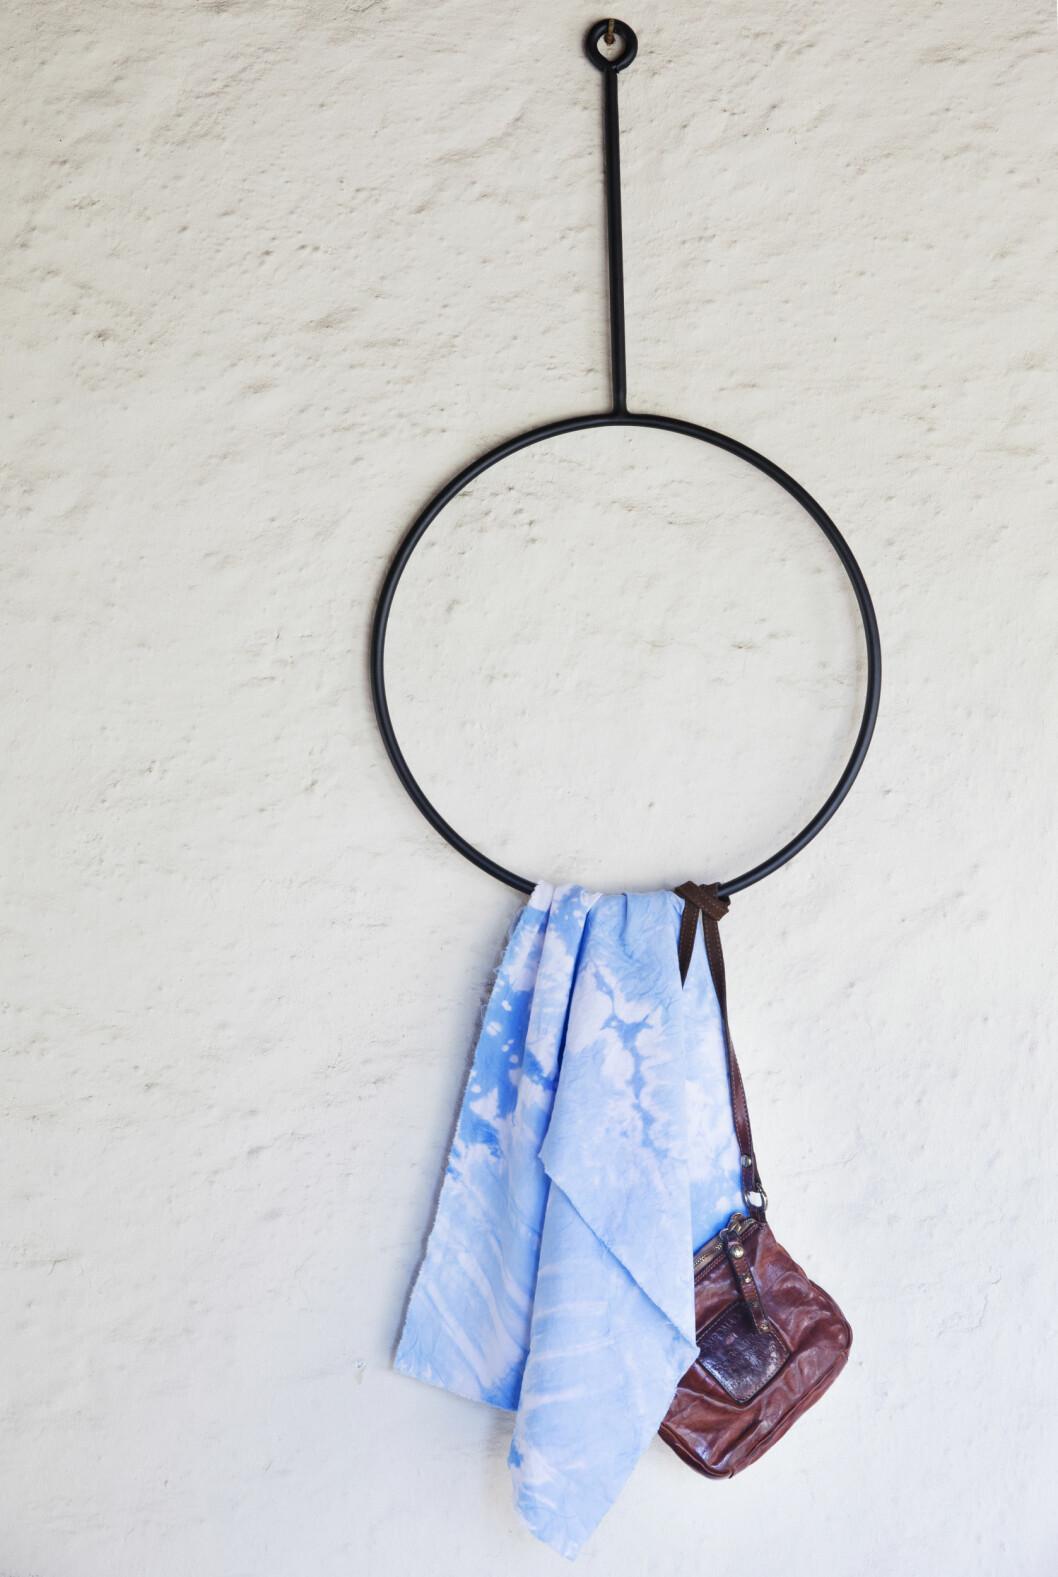 HANDLELISTE: Skinnveske fra Campomaggio, privat. Den kule jernkleshengeren er fra AnnaLeena, kjøpt på kollektedby.no (kr 2250).  Foto: Yvonne Wilhelmsen